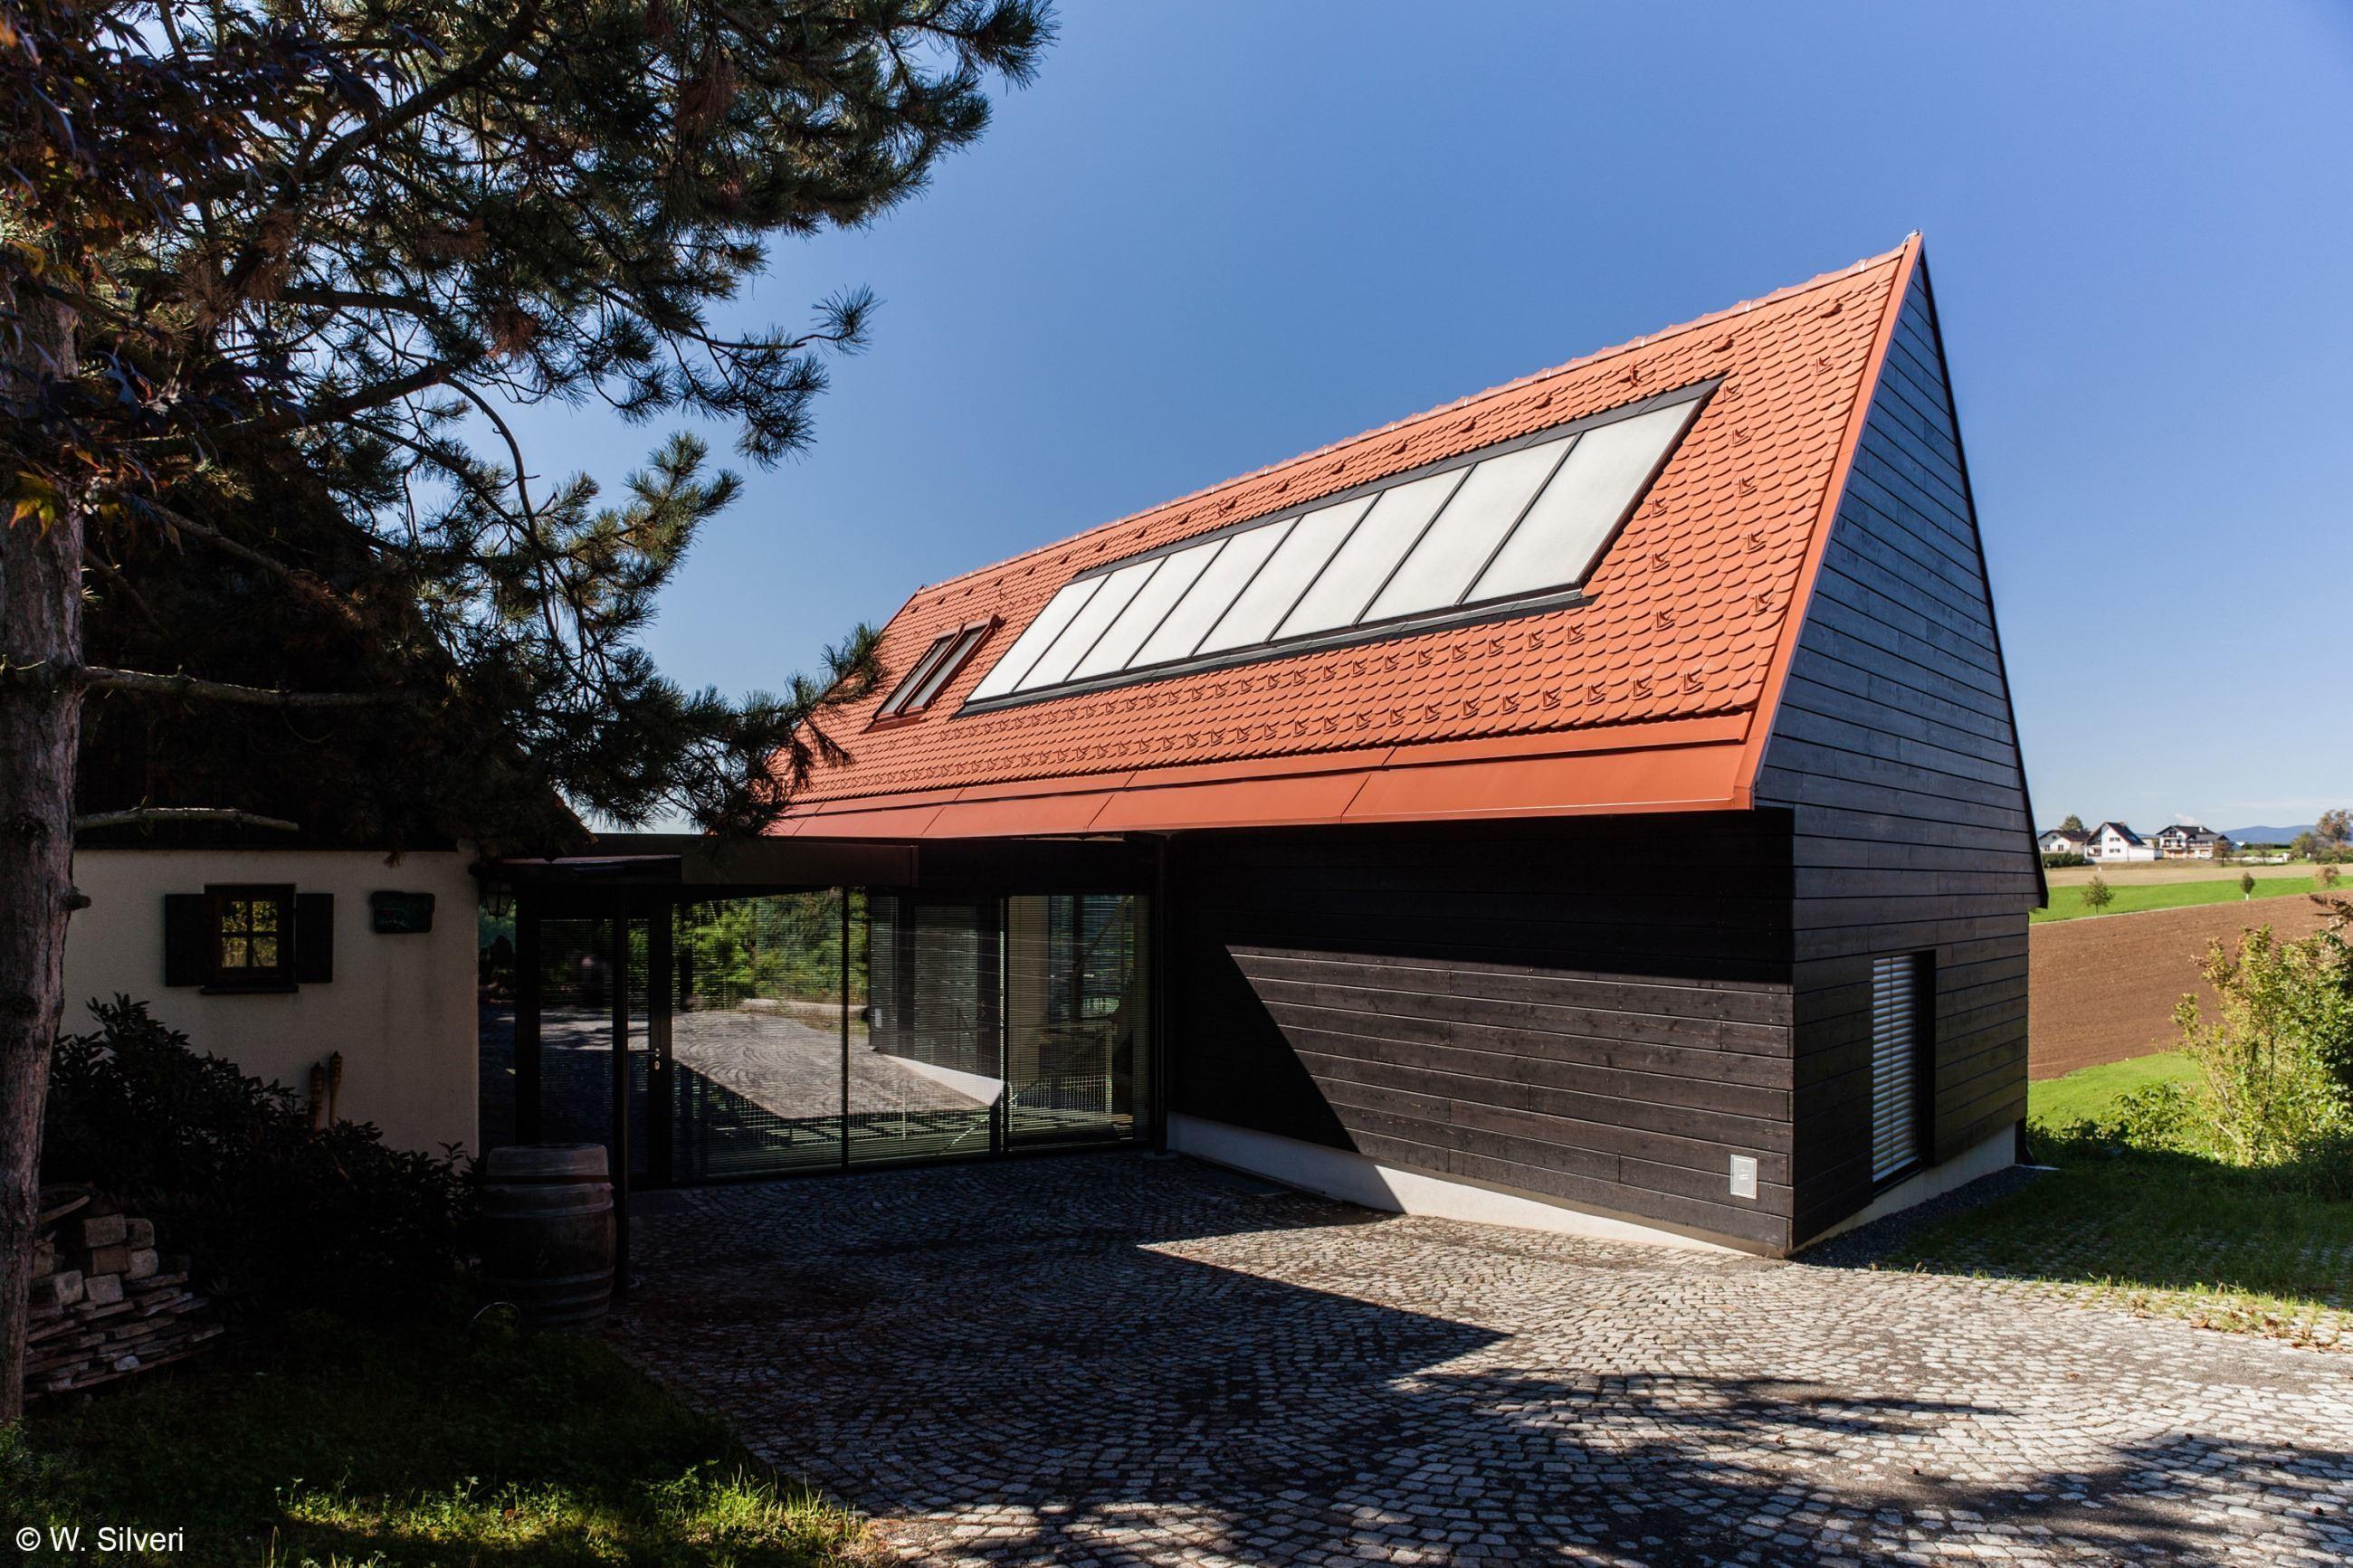 深圳屋顶天窗,阁楼屋顶天窗,屋顶天窗品牌,屋顶天窗厂家